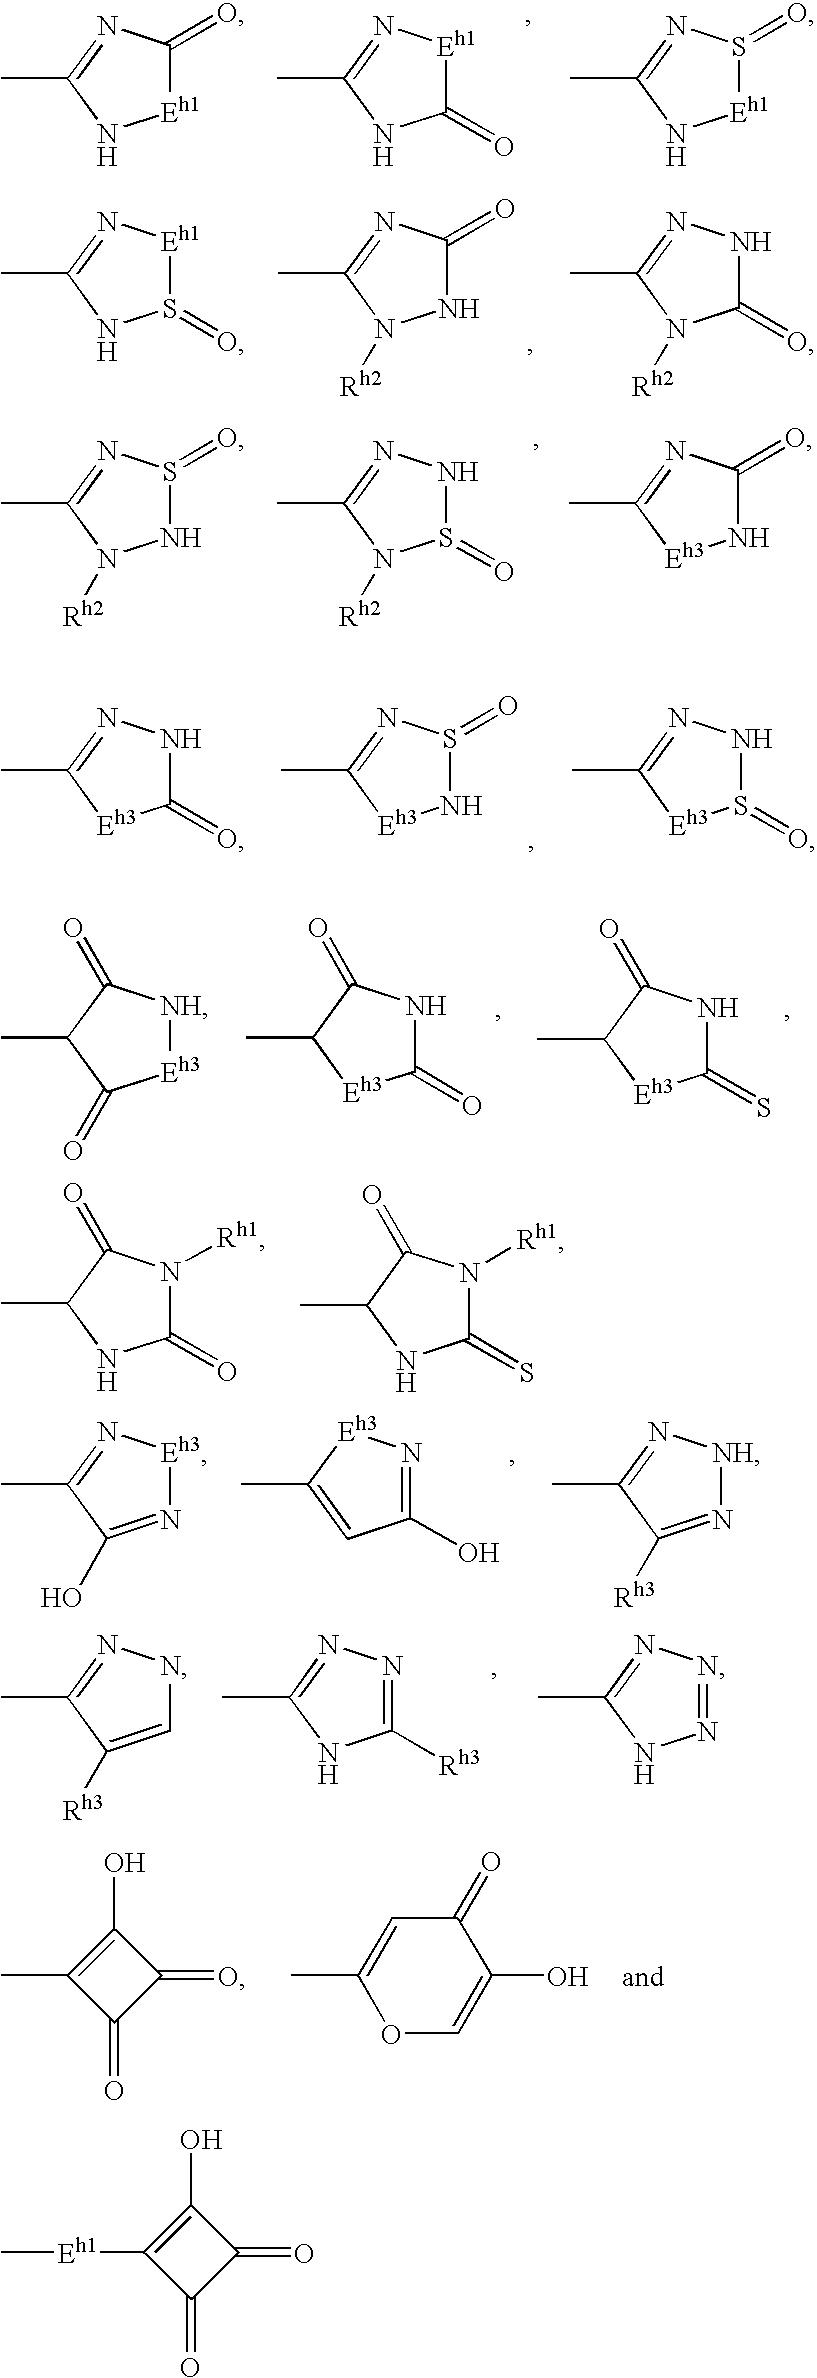 Figure US20070049593A1-20070301-C00057